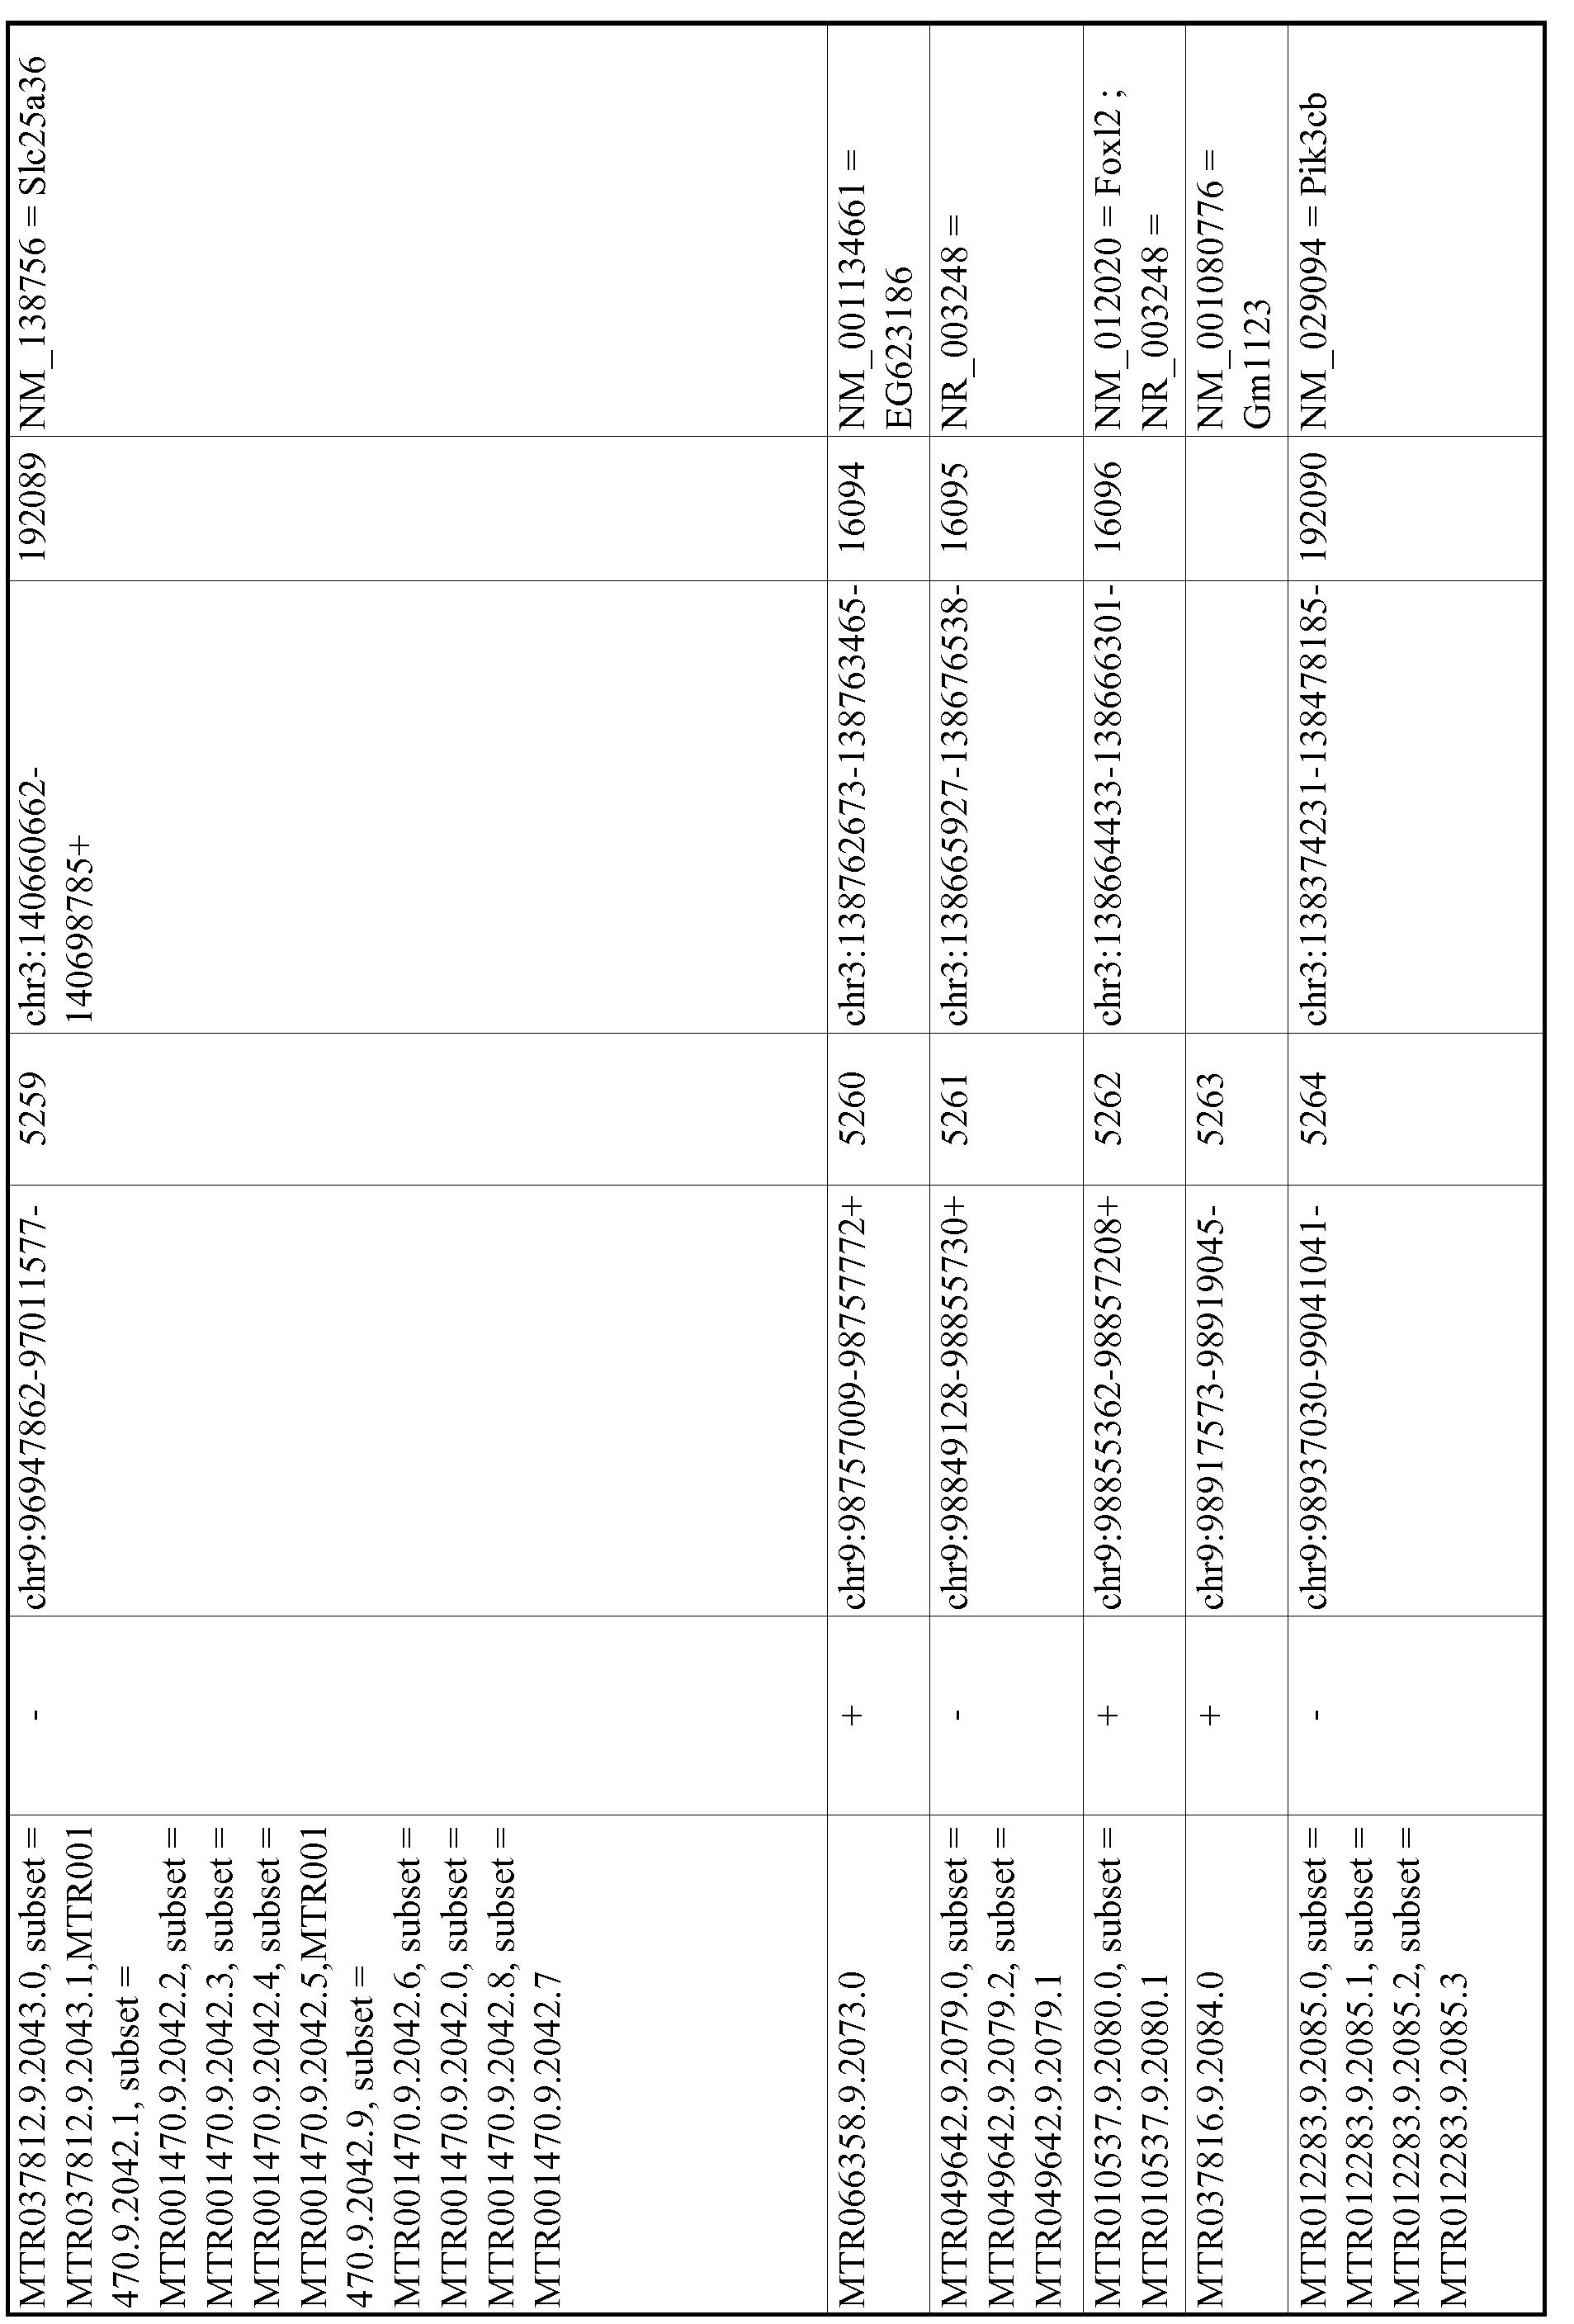 Figure imgf000952_0001